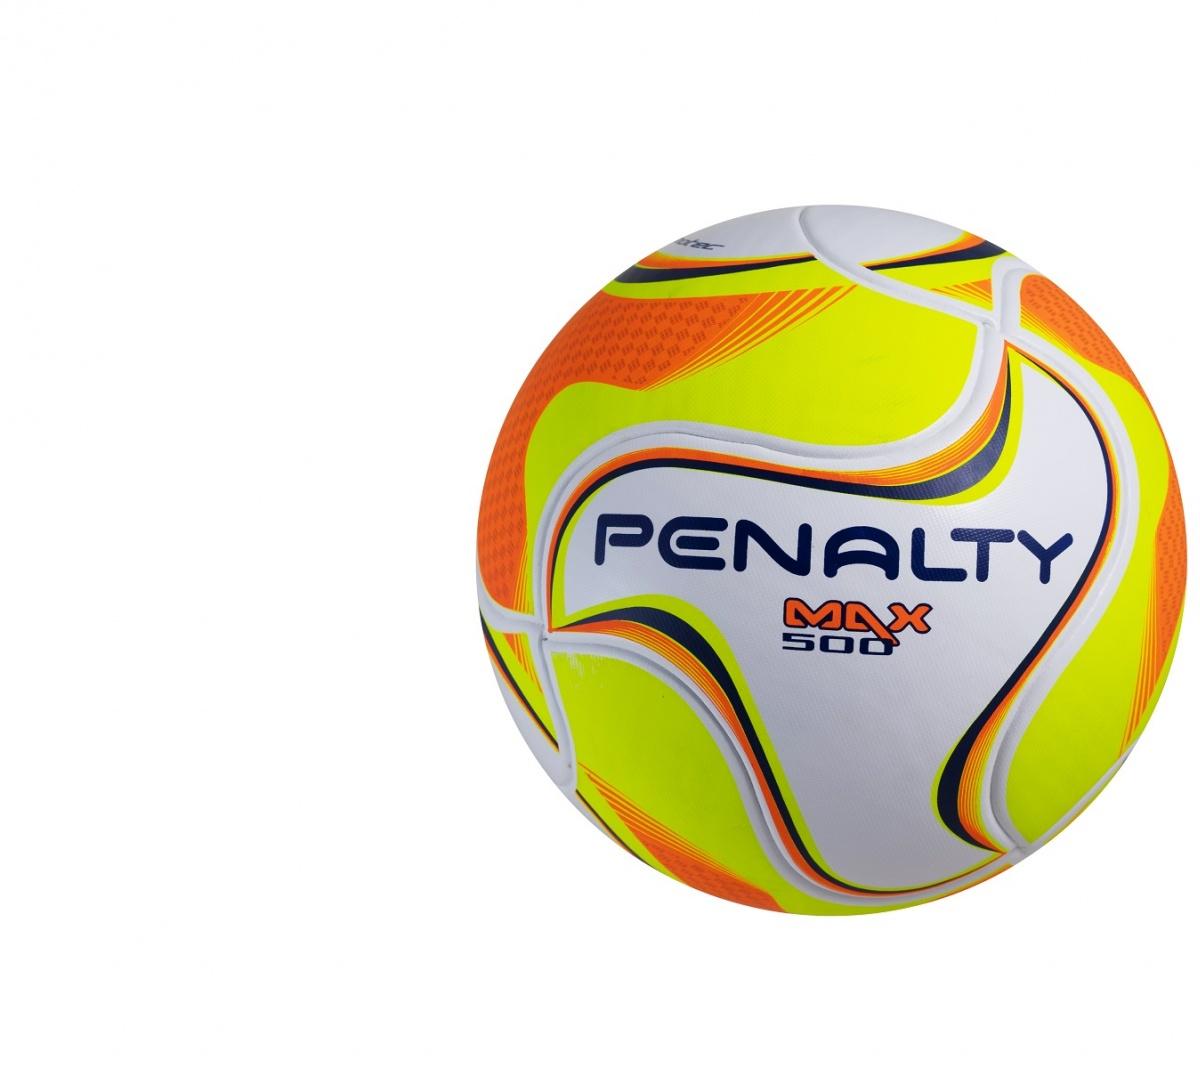 Bola Penalty Max 500 Termotec Bola Penalty Max 500 Termotec 20f7d47dfe18f